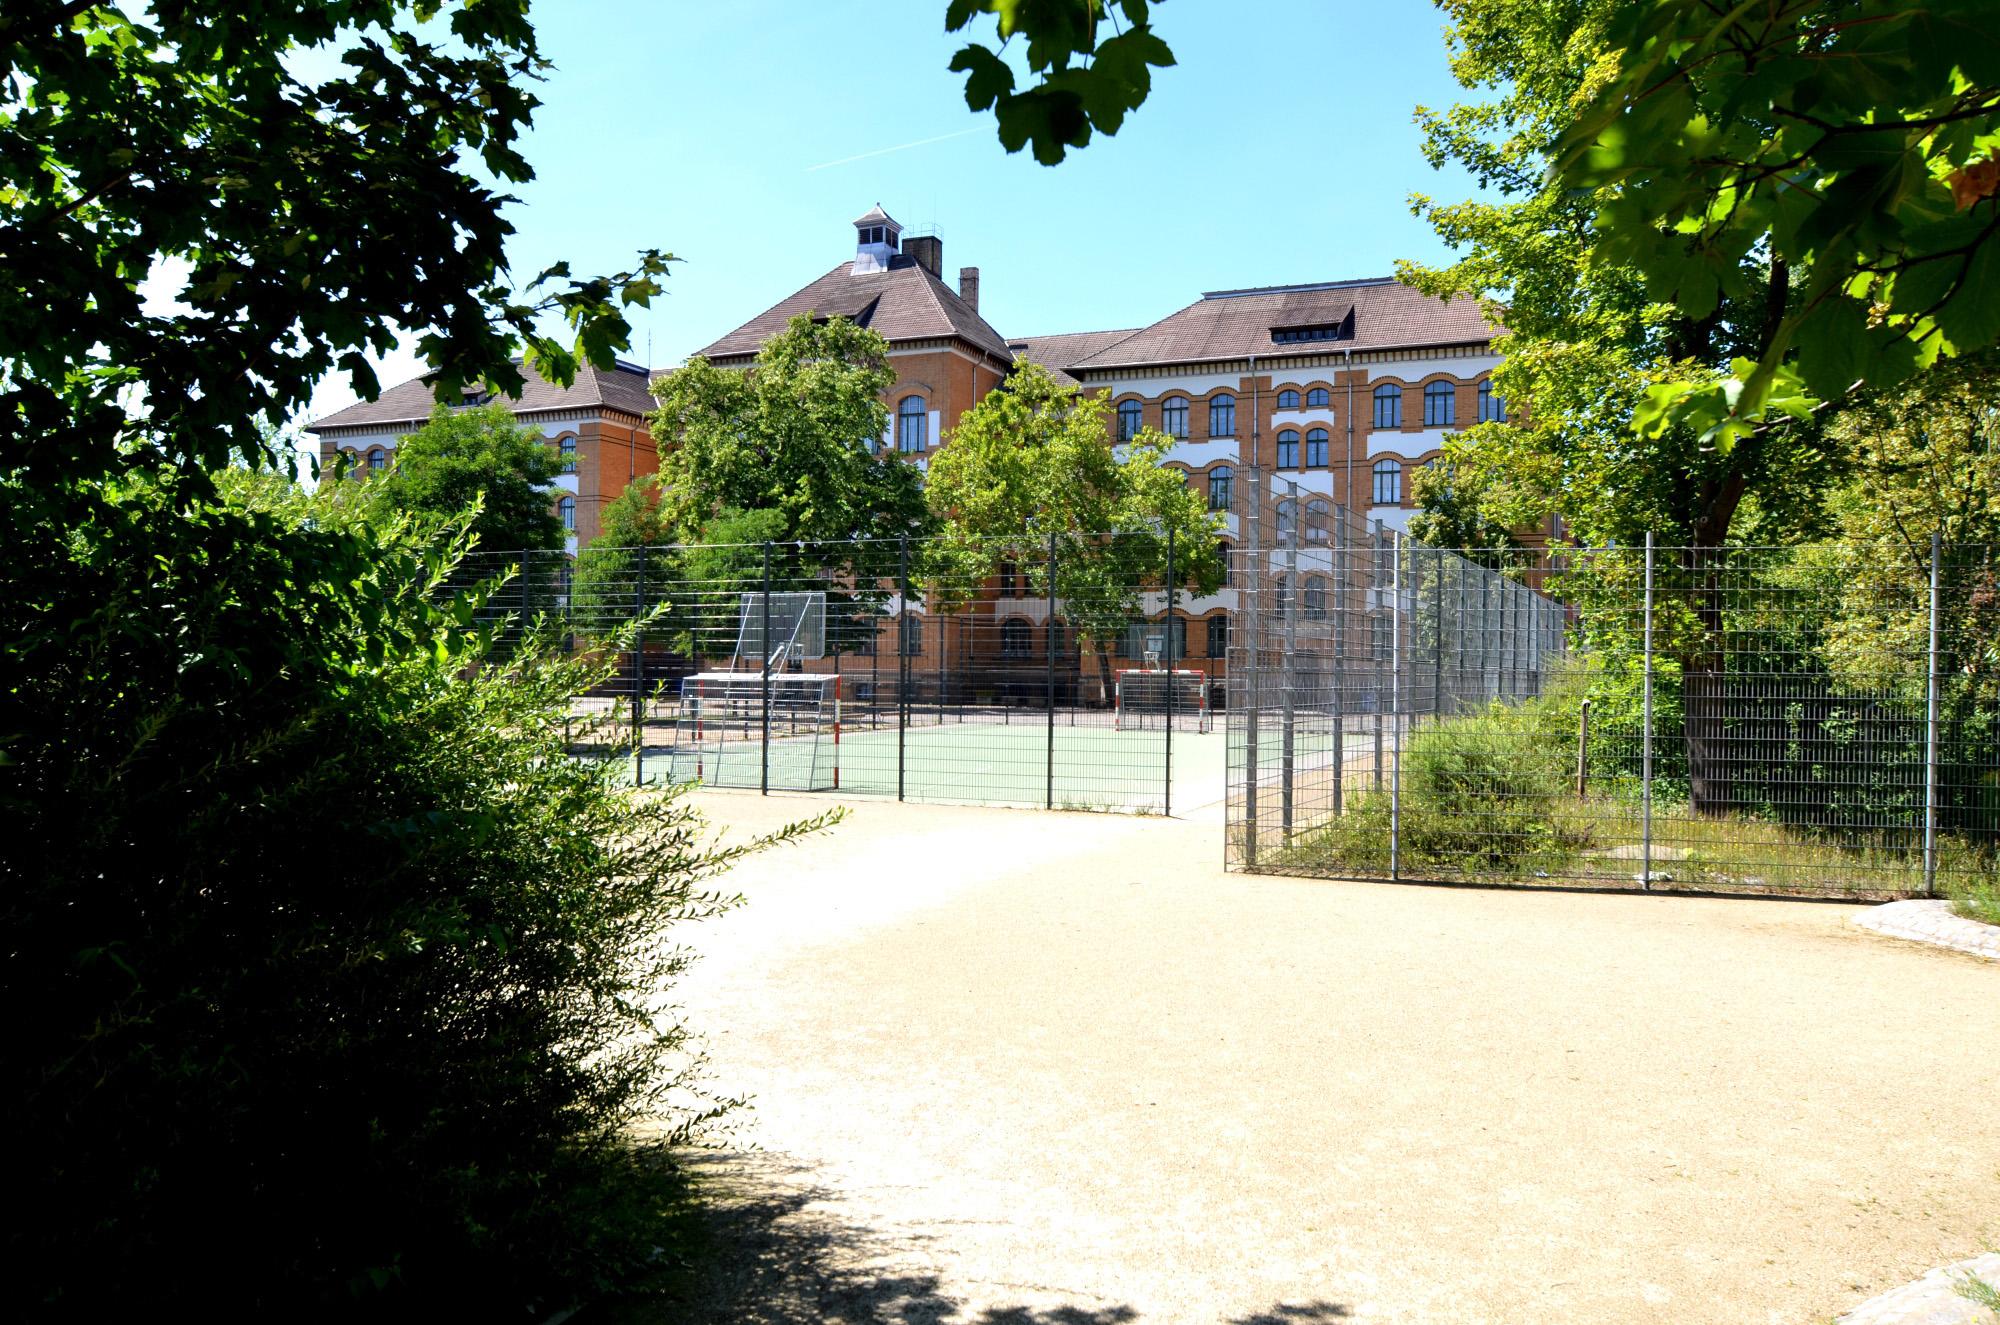 Grundschule Am Adler